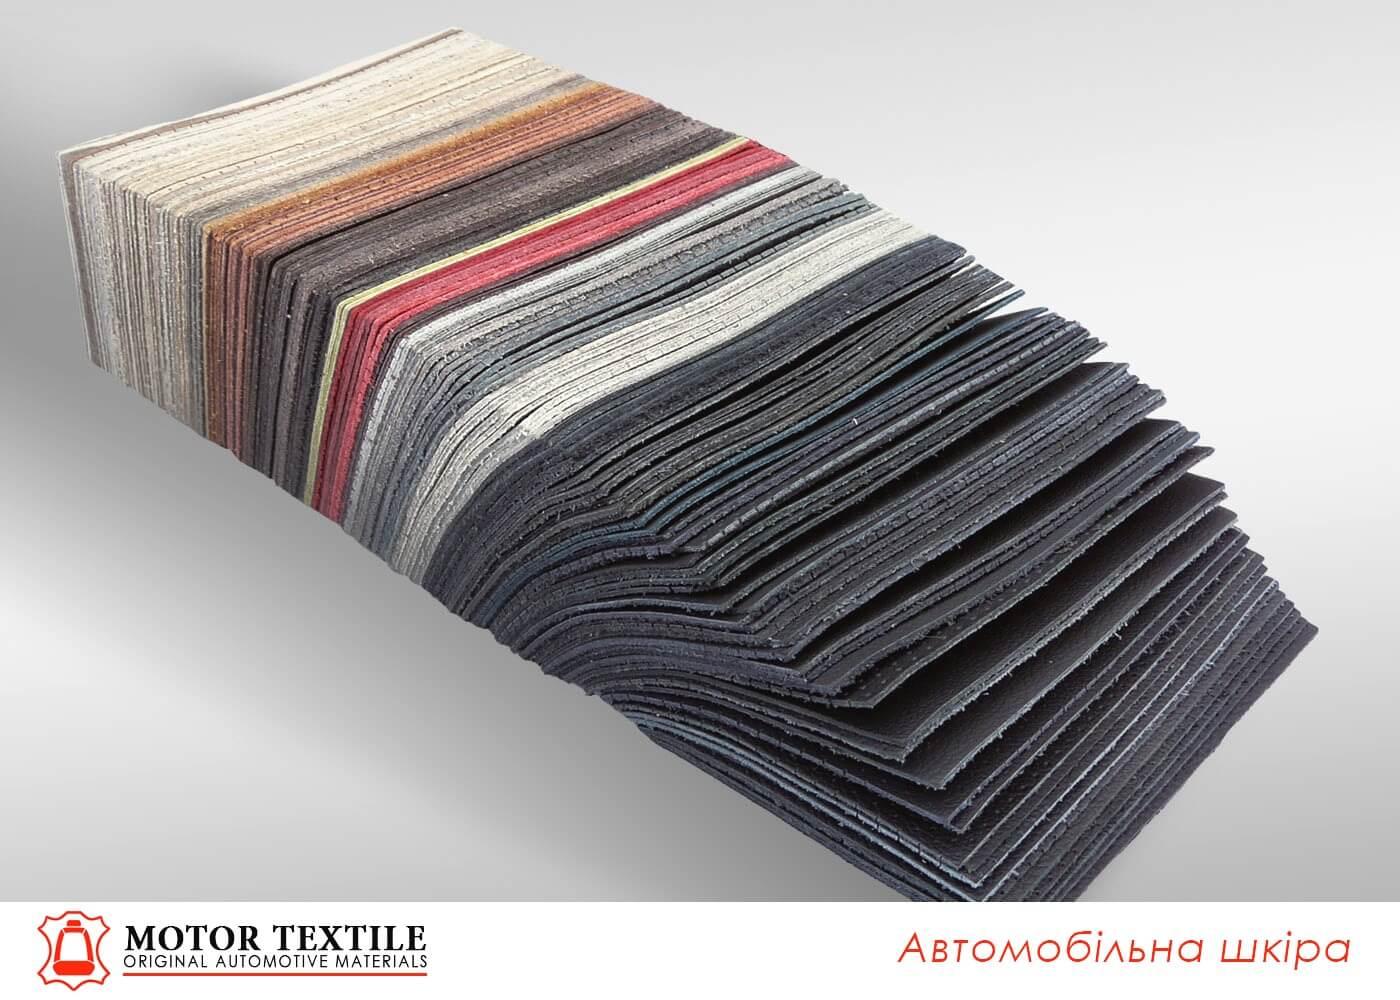 Автомобильная кожа компания Motor Textile -52